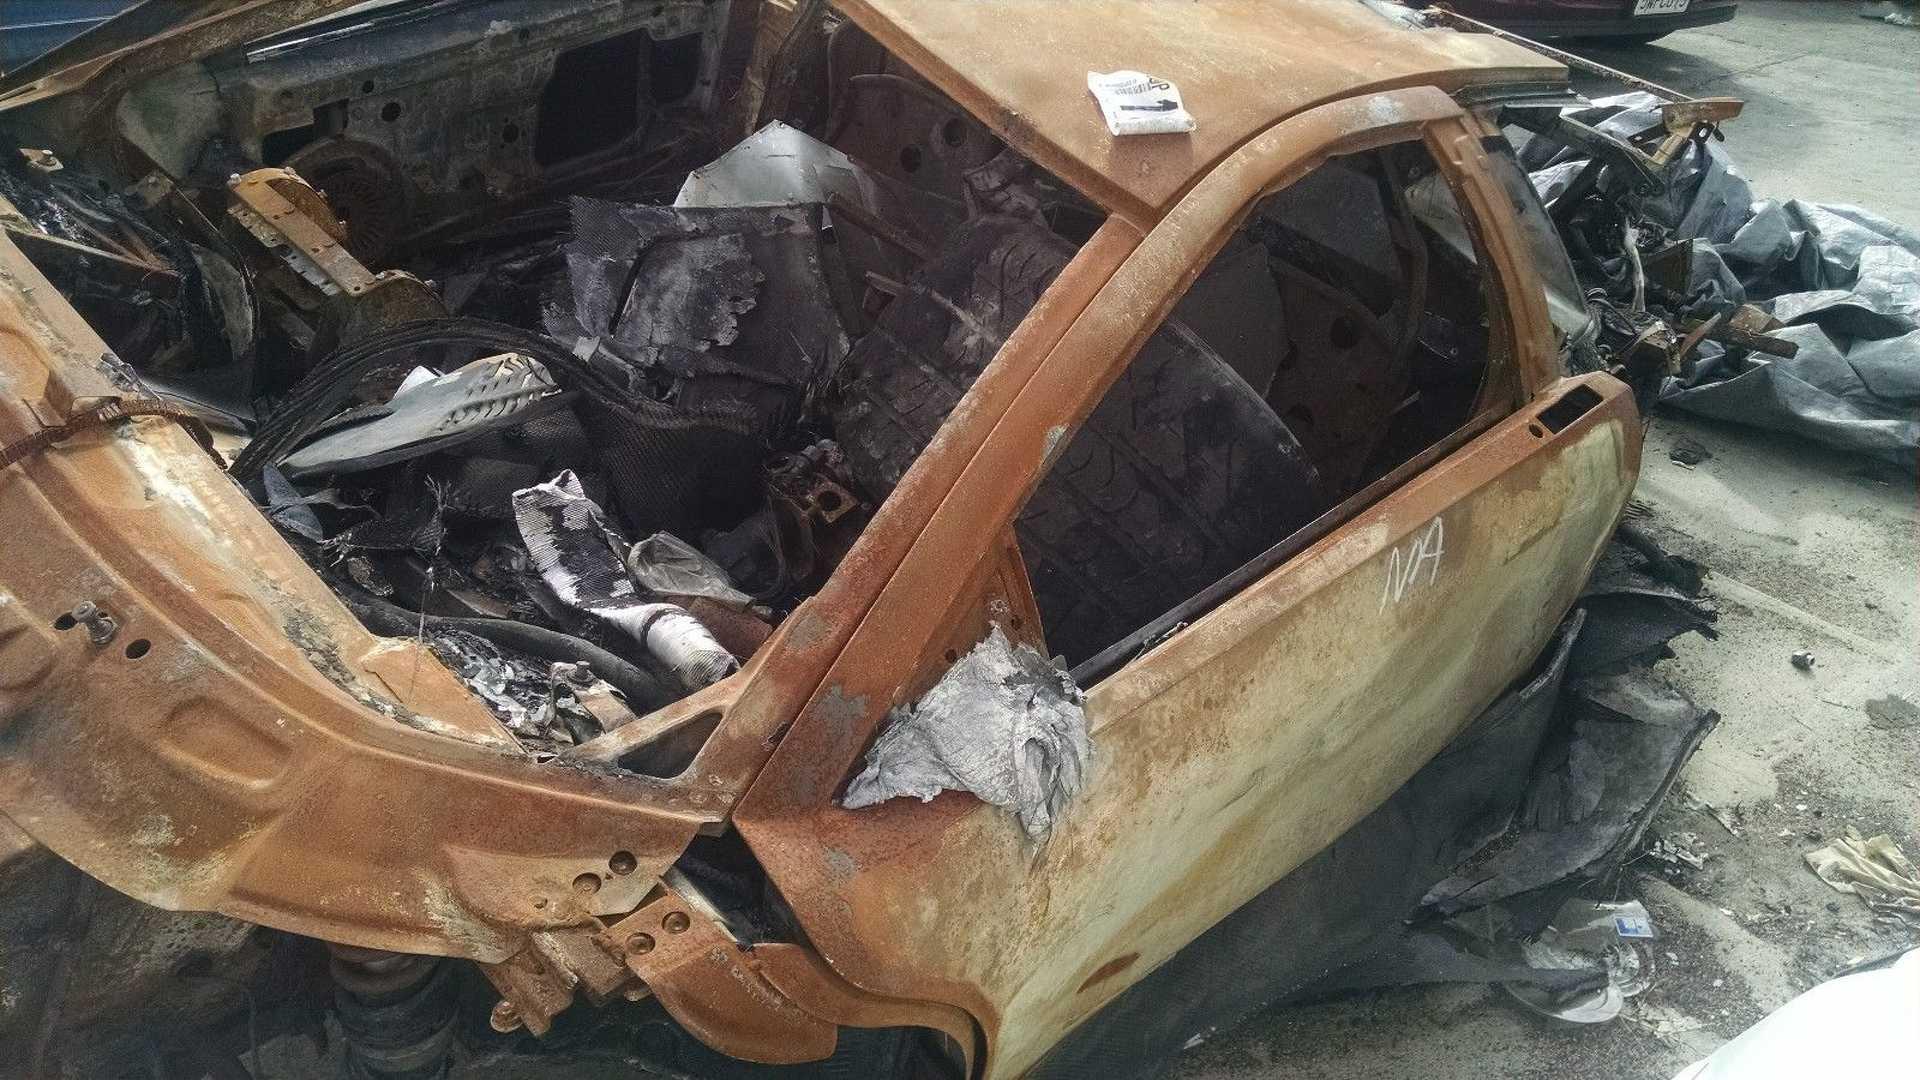 Lamborghini_Murcielago_destroyed_by_fire_05